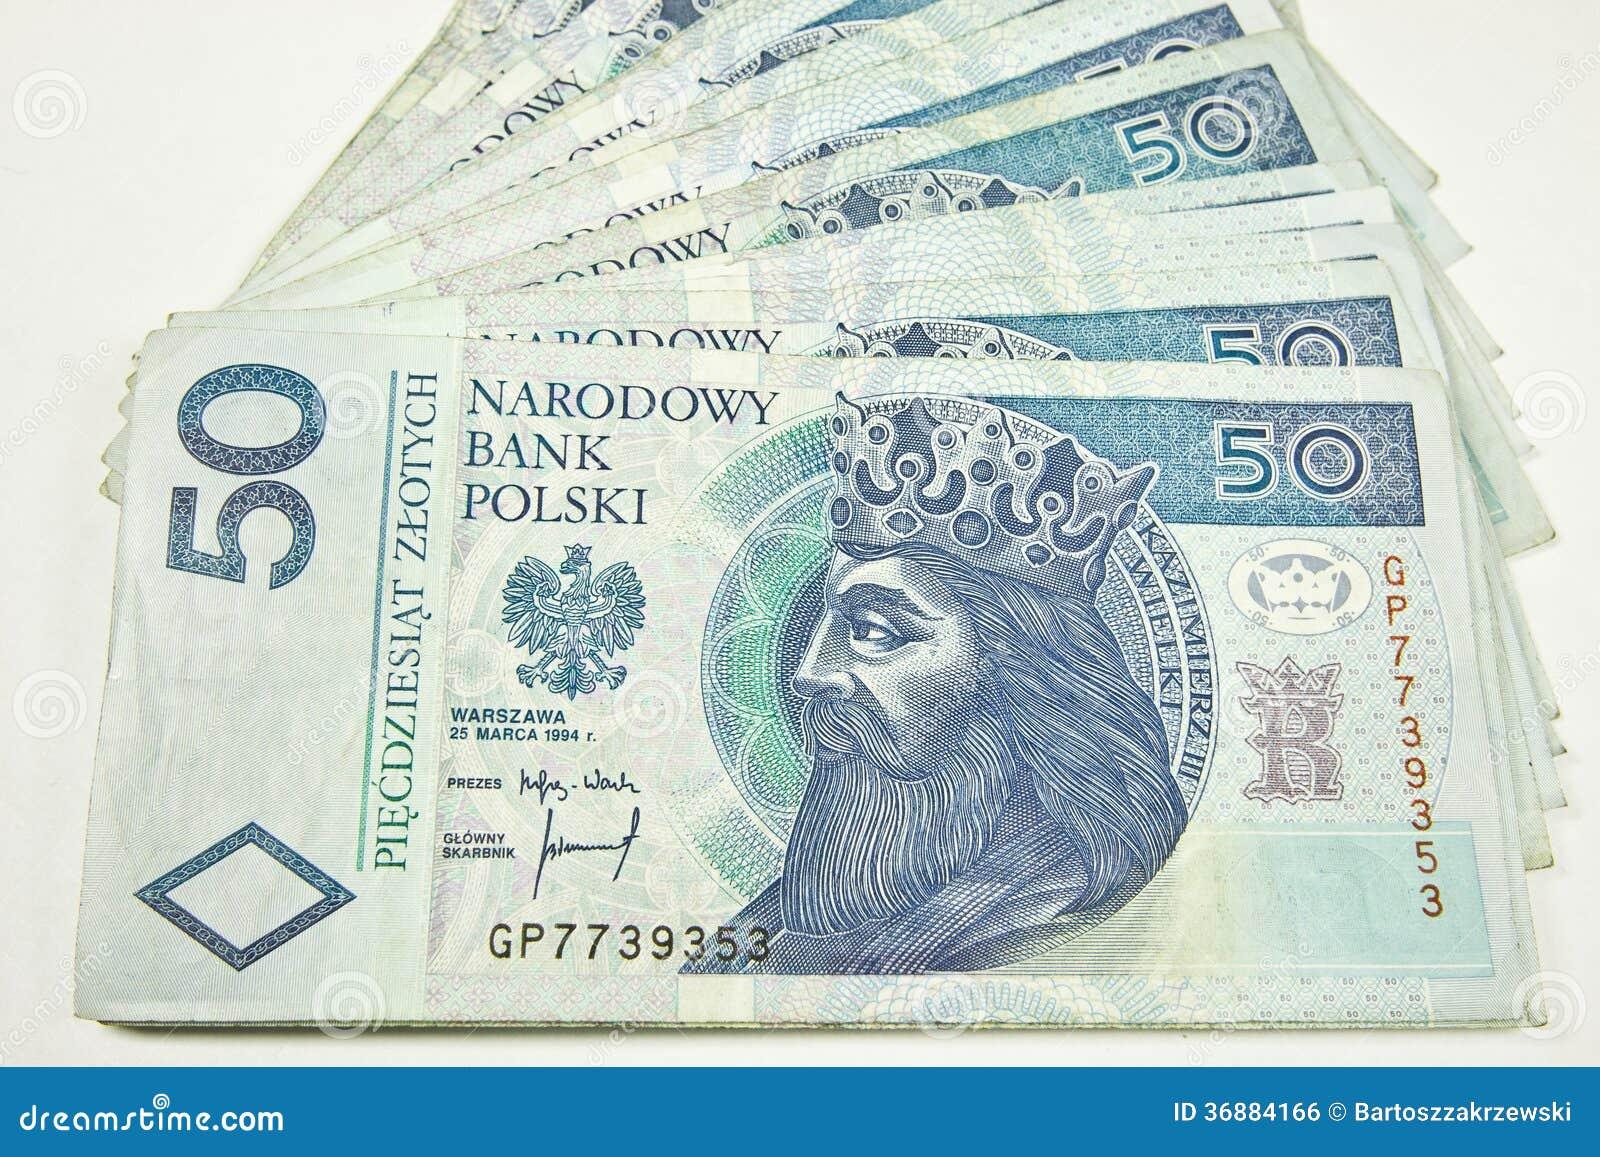 Download Soldi polacchi fotografia stock. Immagine di faccia, economia - 36884166